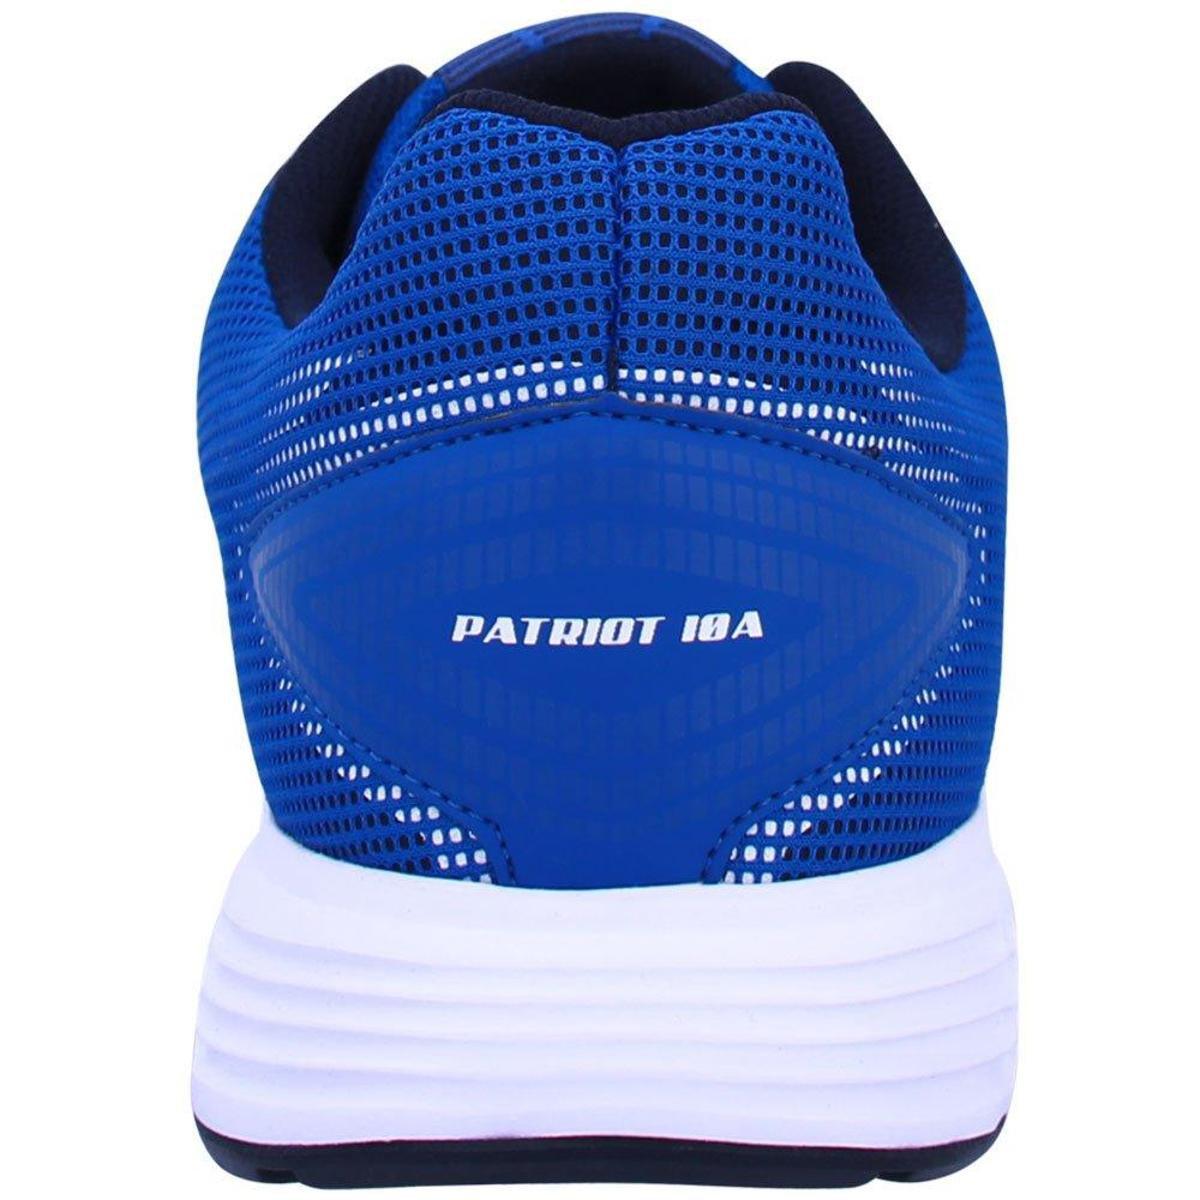 Tênis Asics Patriot 10 Masculino - Azul e Preto - Compre Agora ... de8072e85d111